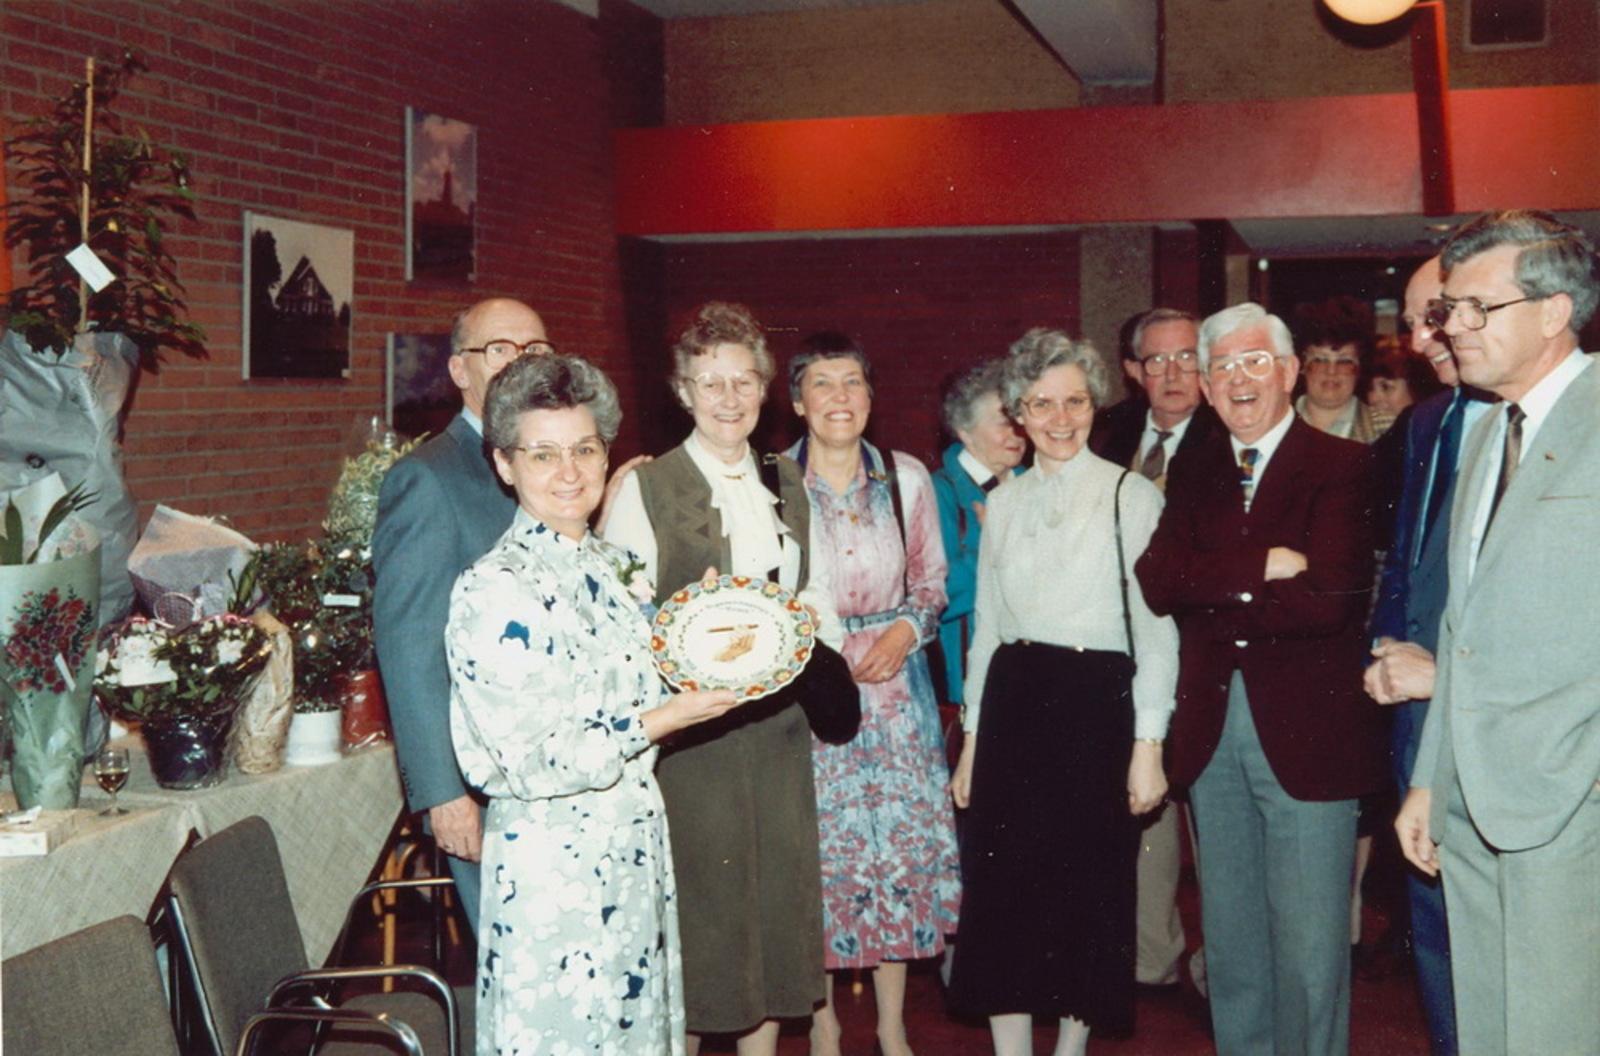 Marktlaan O 0022 1988 Sigarenboer Kraak 50jr Jub en Sluiting 49